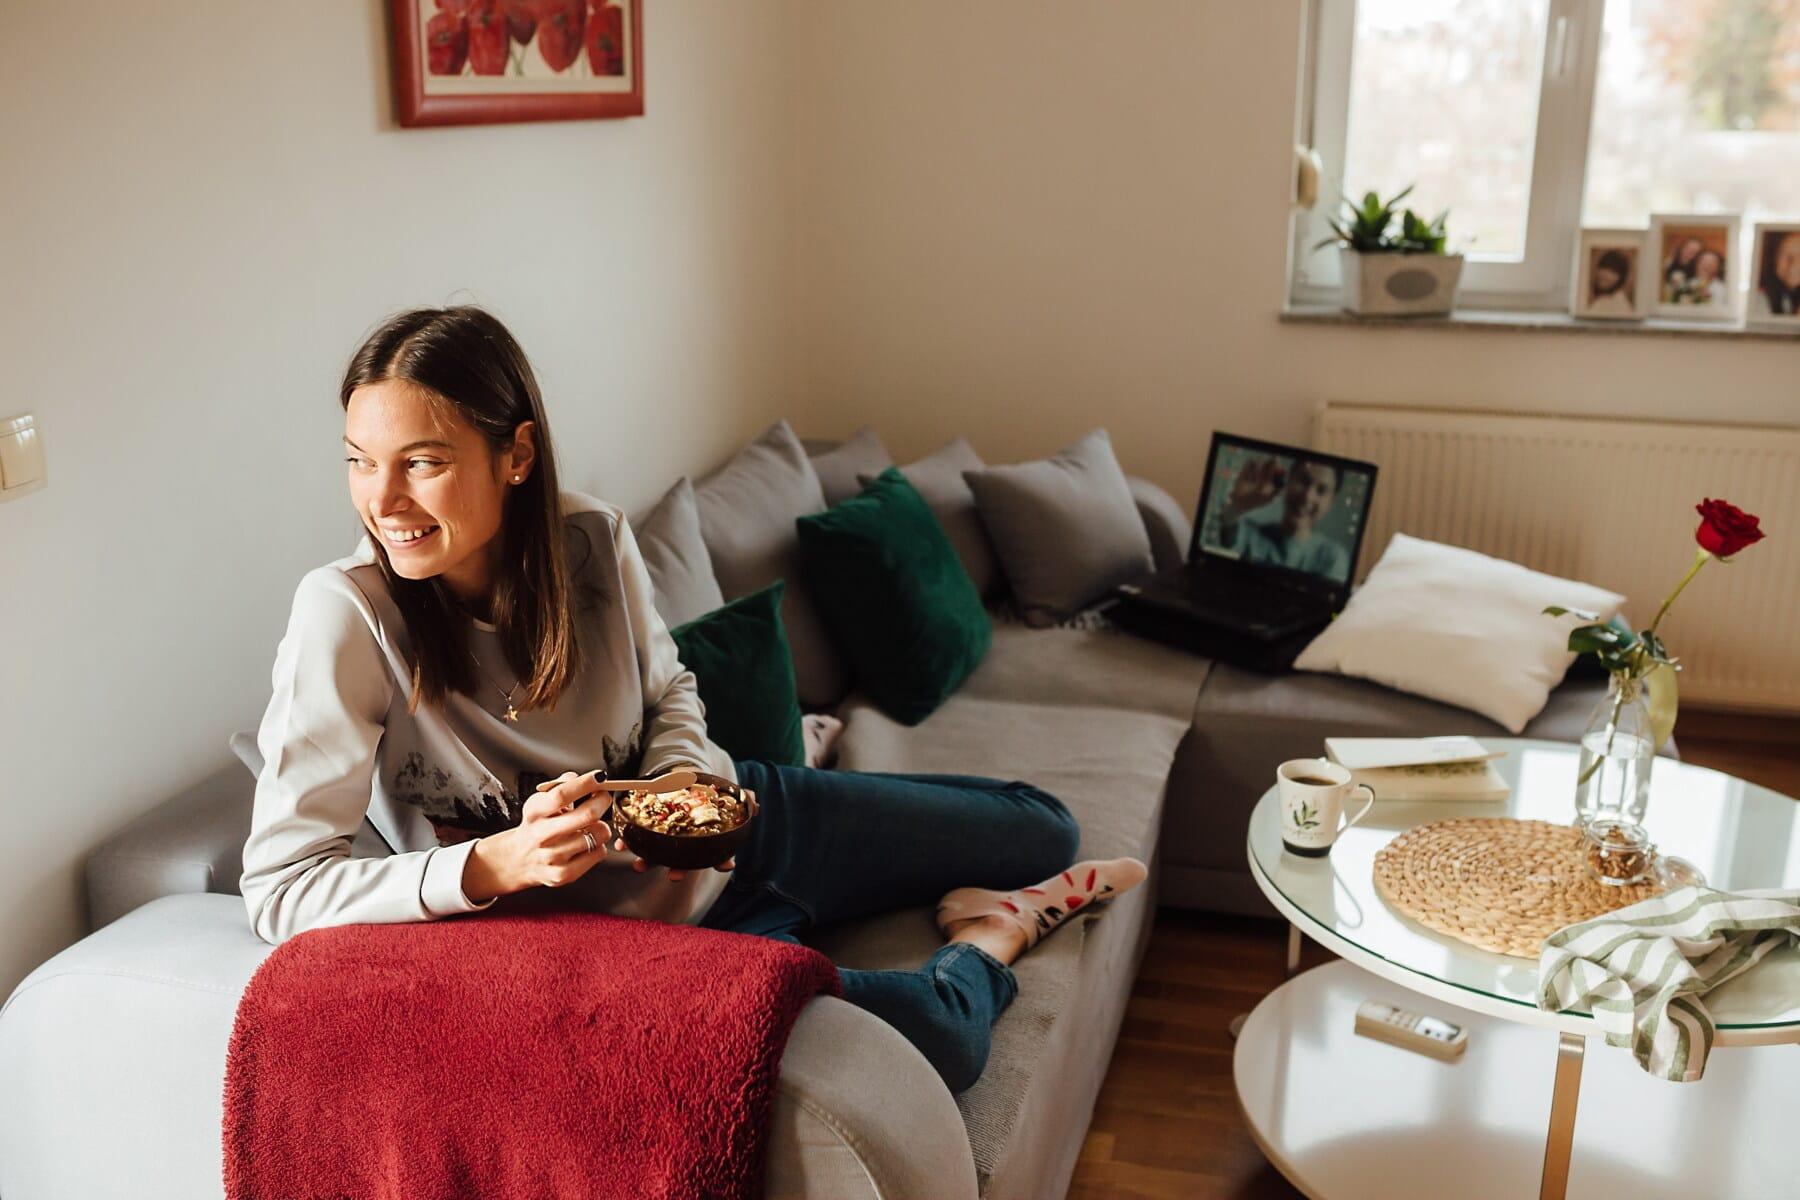 молода жінка, посміхаючись, сніданок, вітальня, релаксація, Диван, спосіб життя, портативний комп'ютер, кімната, приміщенні